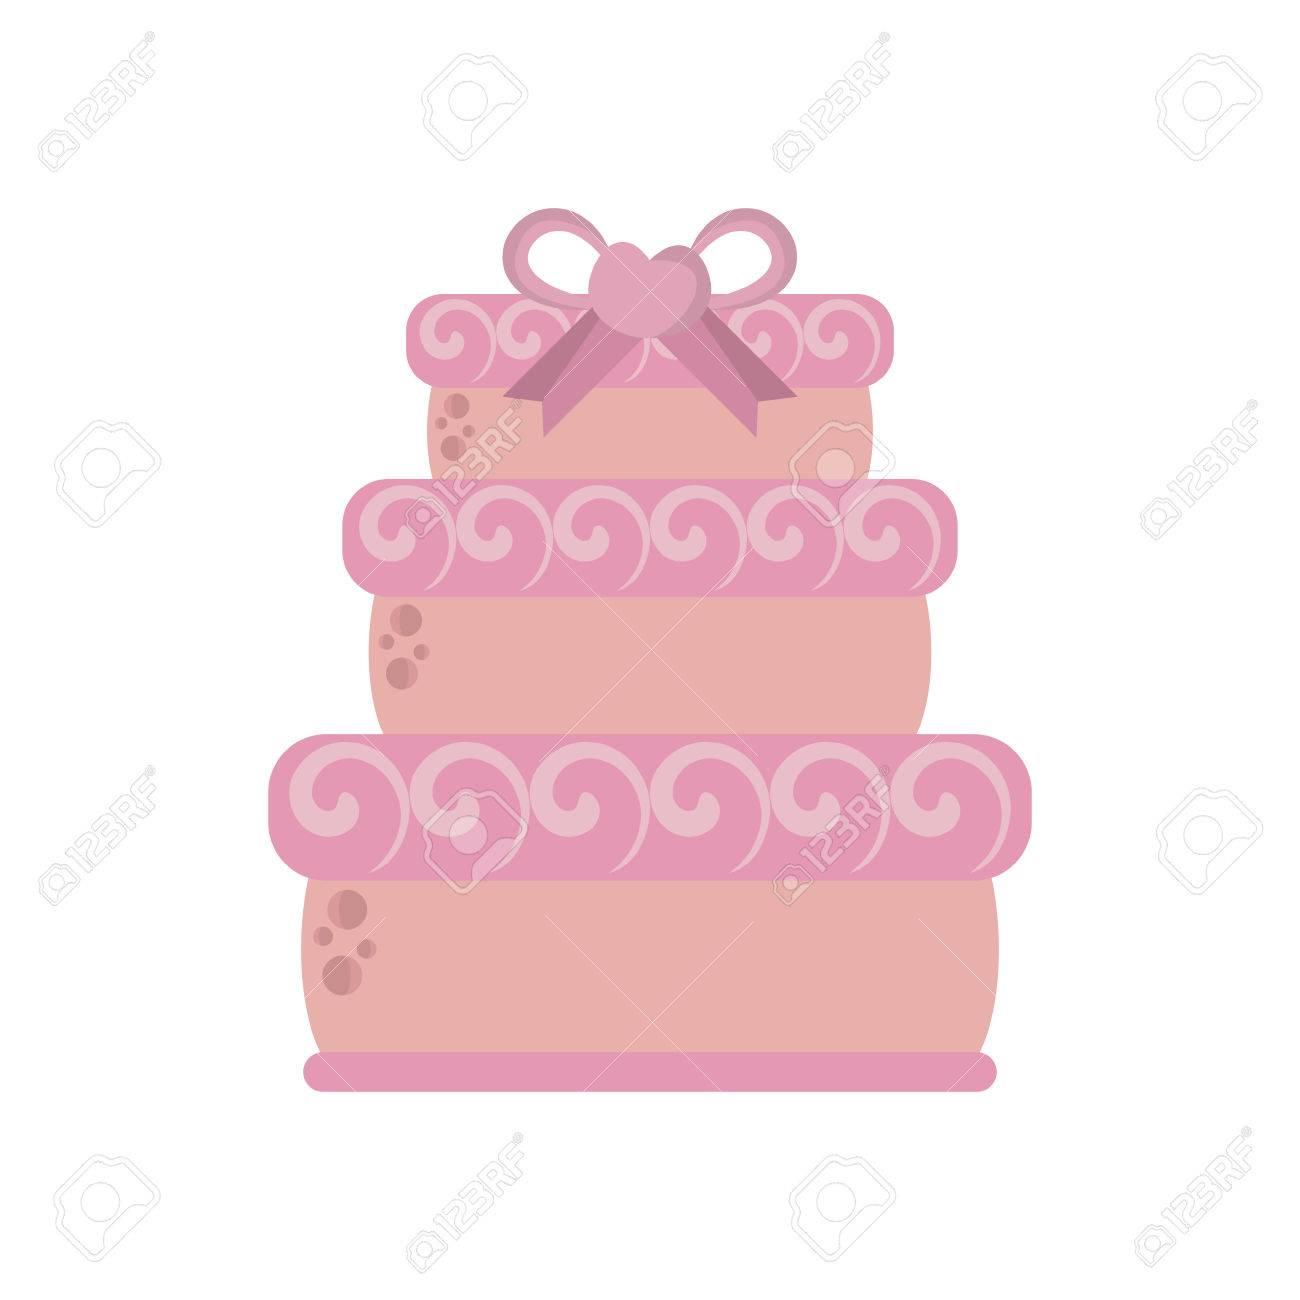 Grosse Hochzeitstorte Rosa Band Herz Vektor Illustration Lizenzfrei